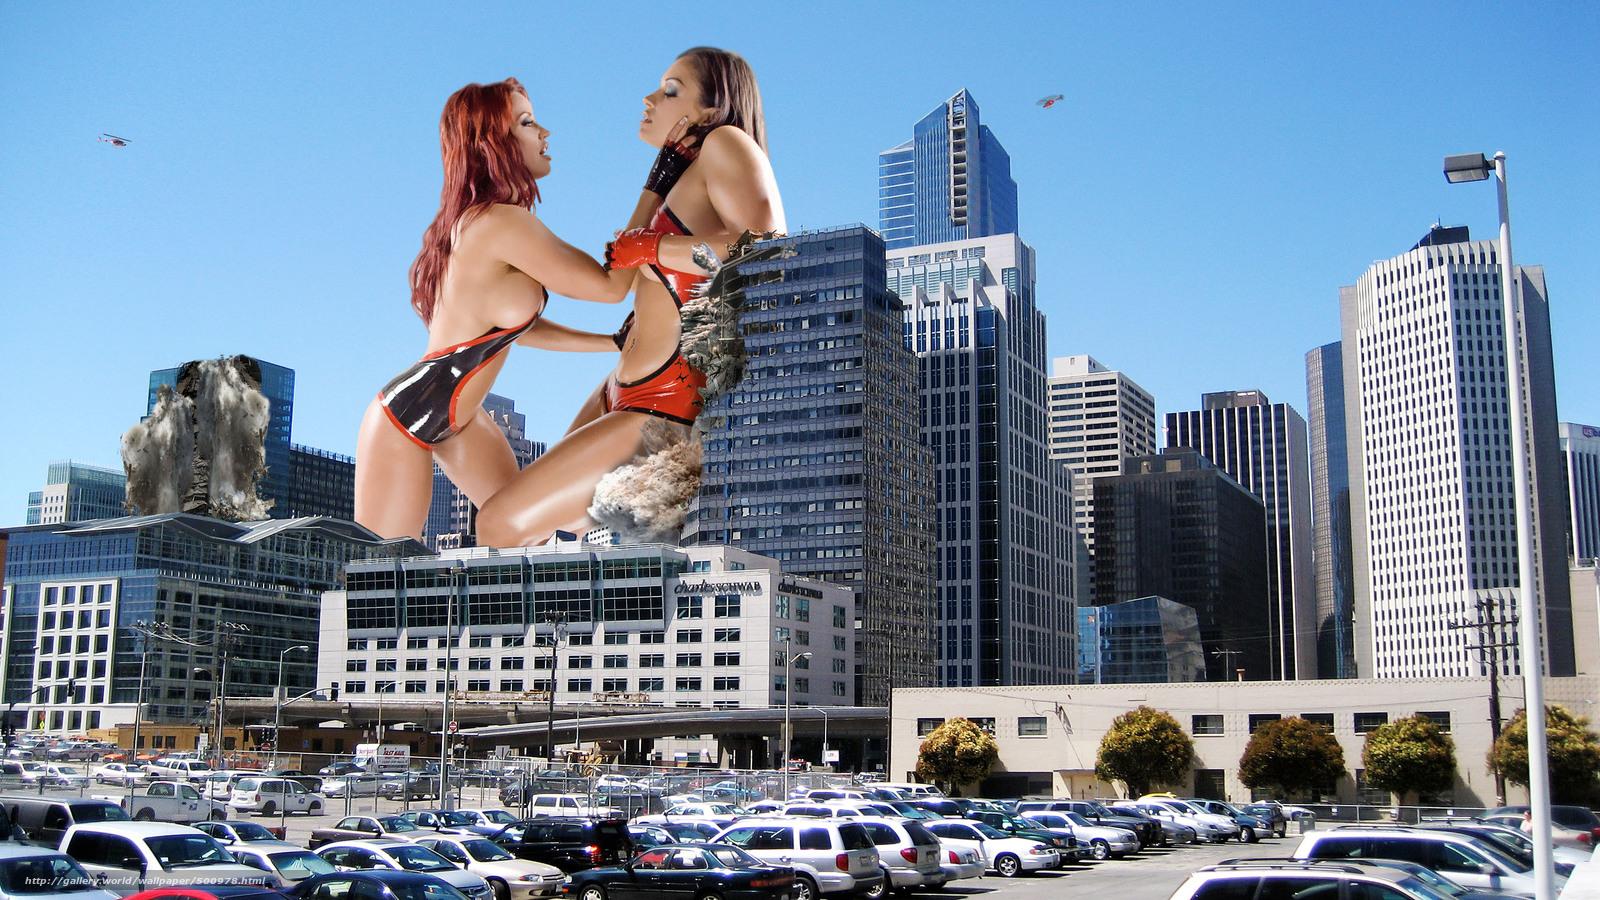 Giantess nude in the city nude scene